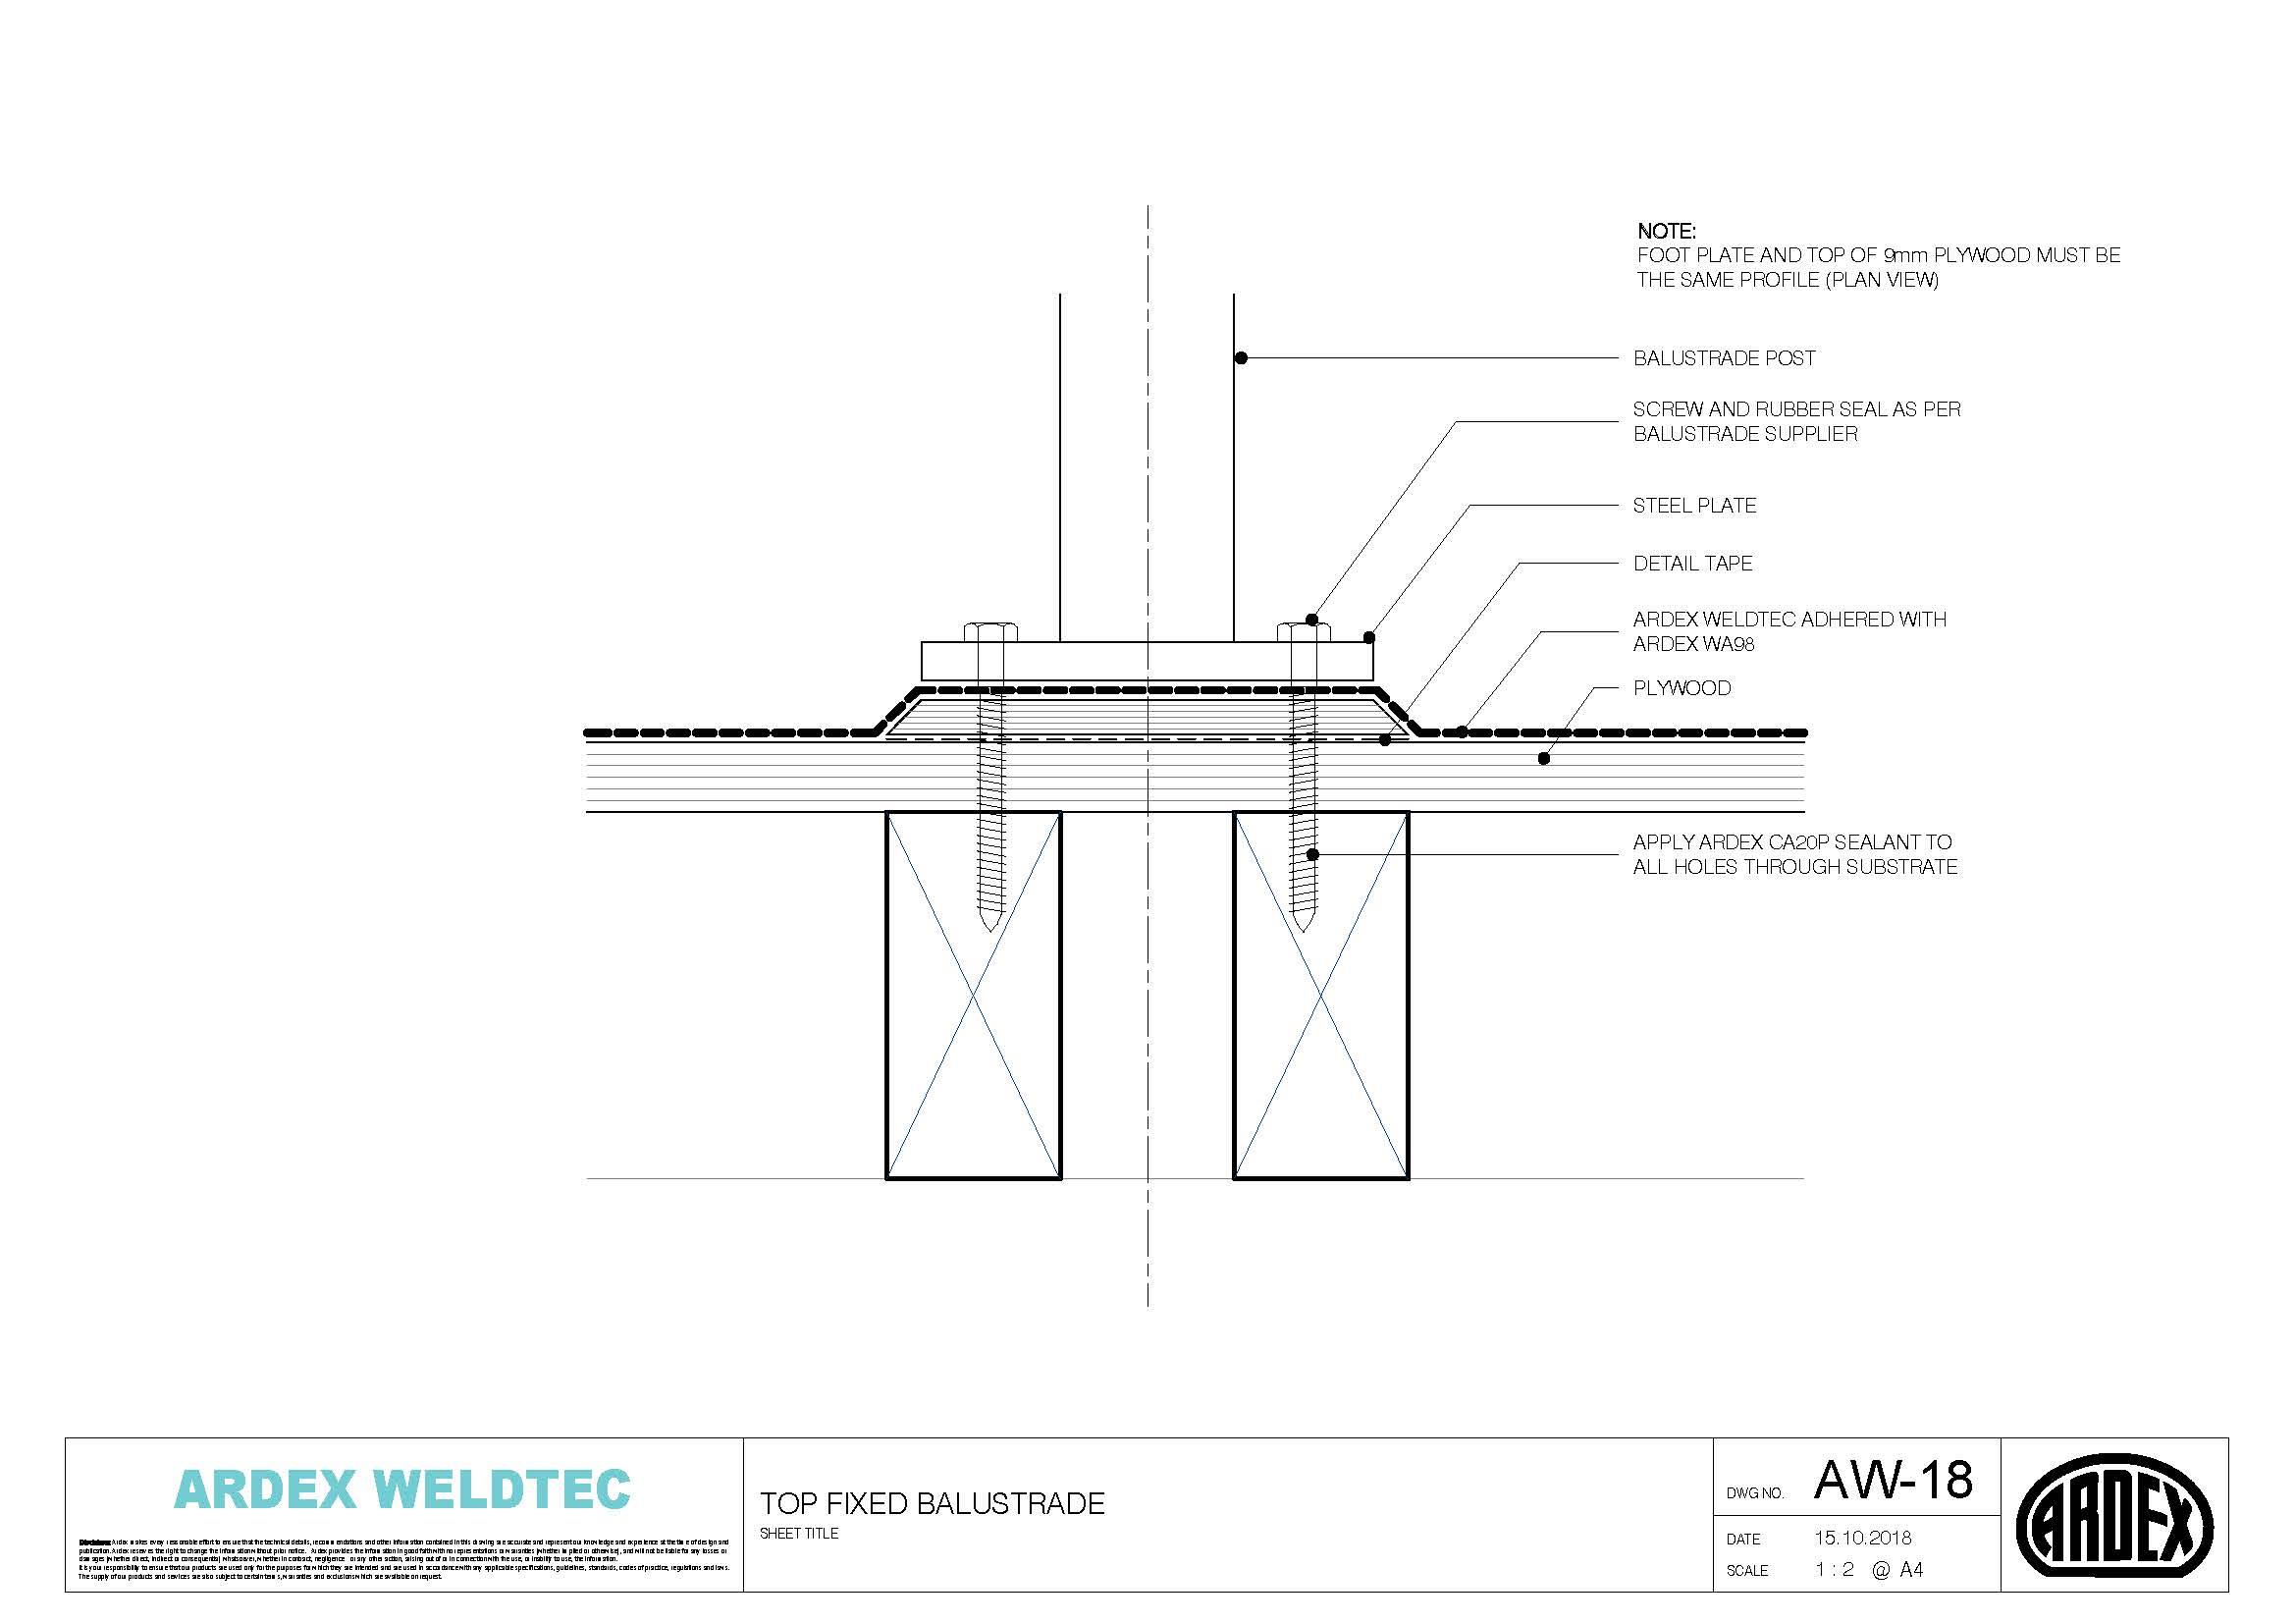 Weldtec top fixed balustrade